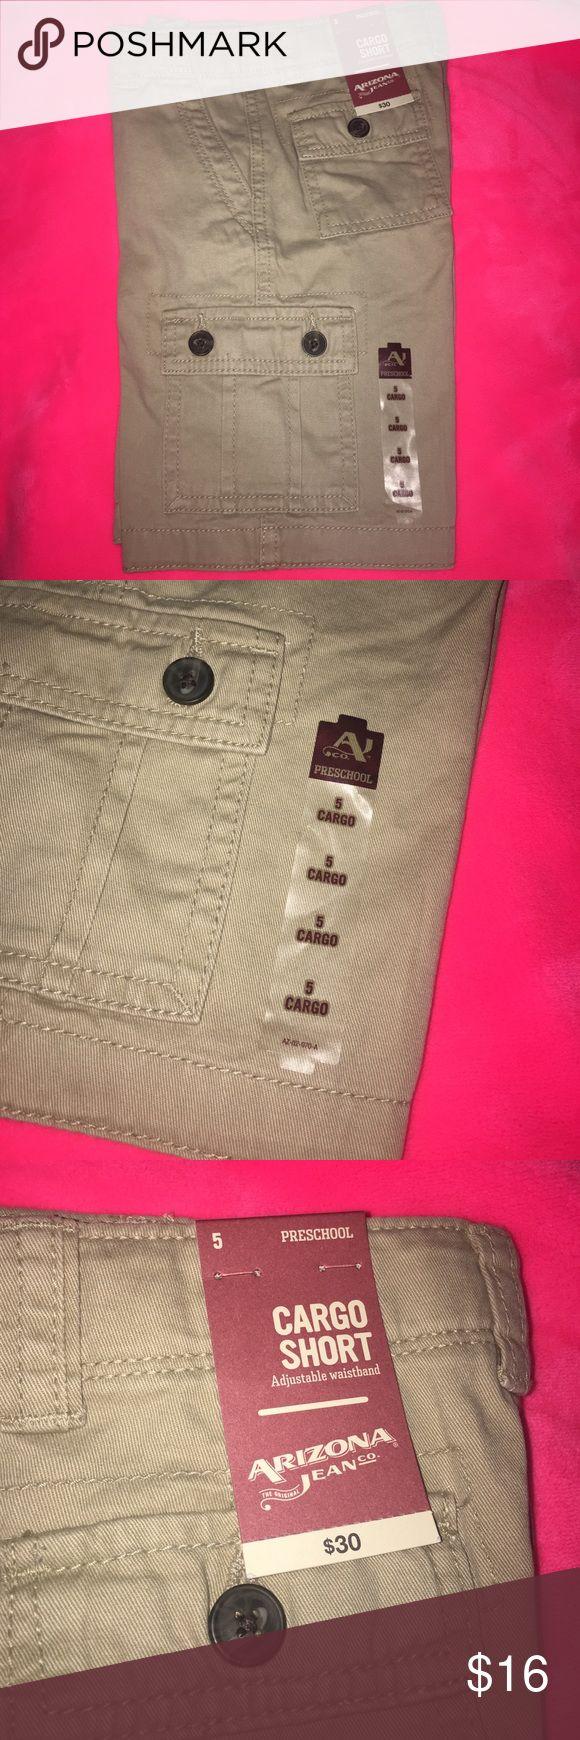 Arizona boys cargo shorts khaki color /beige Brand new Arizona cargo shorts for boys size 5 with adjustable waist band Arizona Jean Company Bottoms Shorts